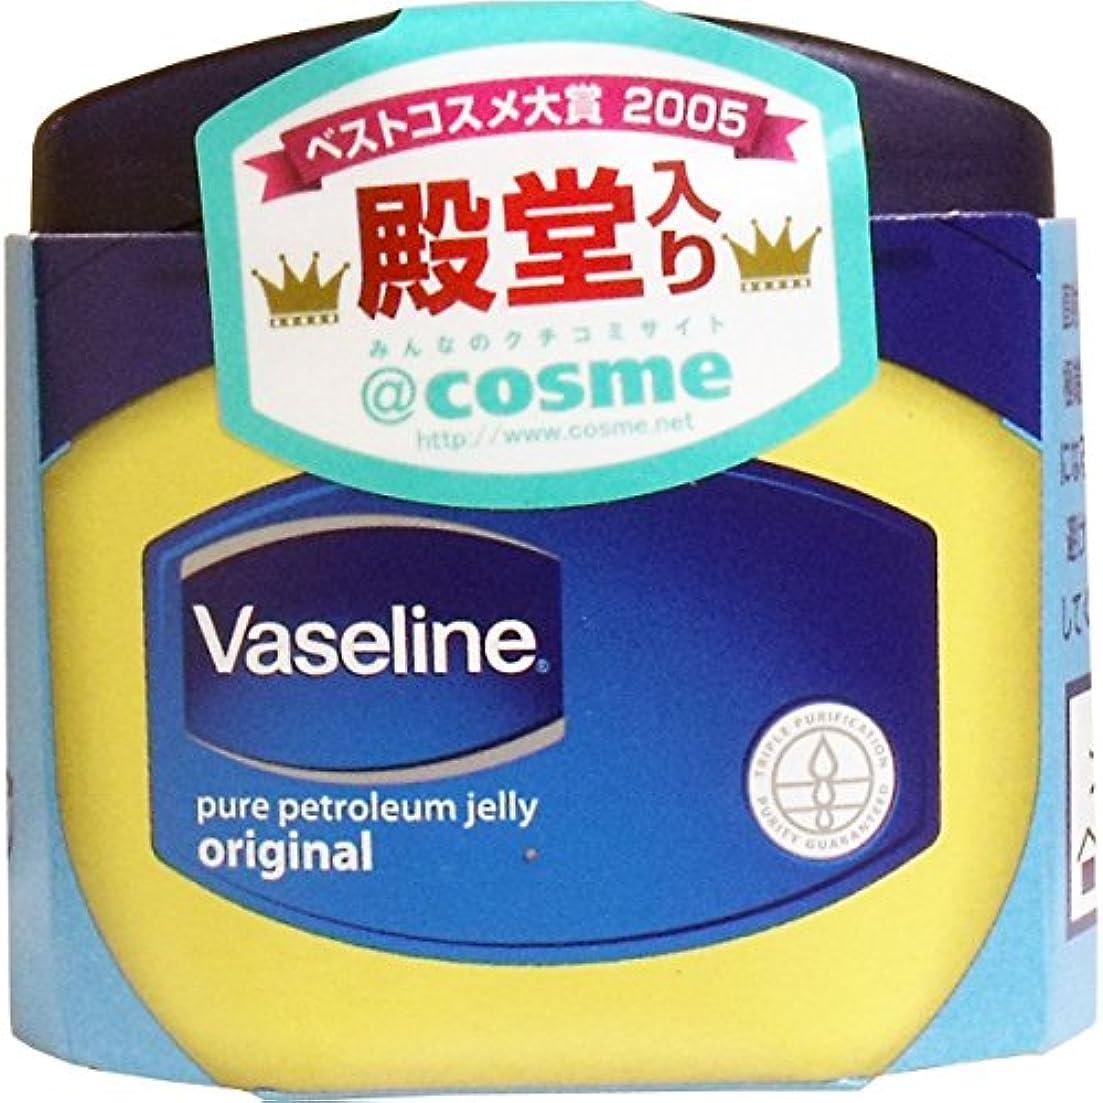 【まとめ買い】ヴァセリン オリジナル ピュアスキンジェリー S 40g ×2セット